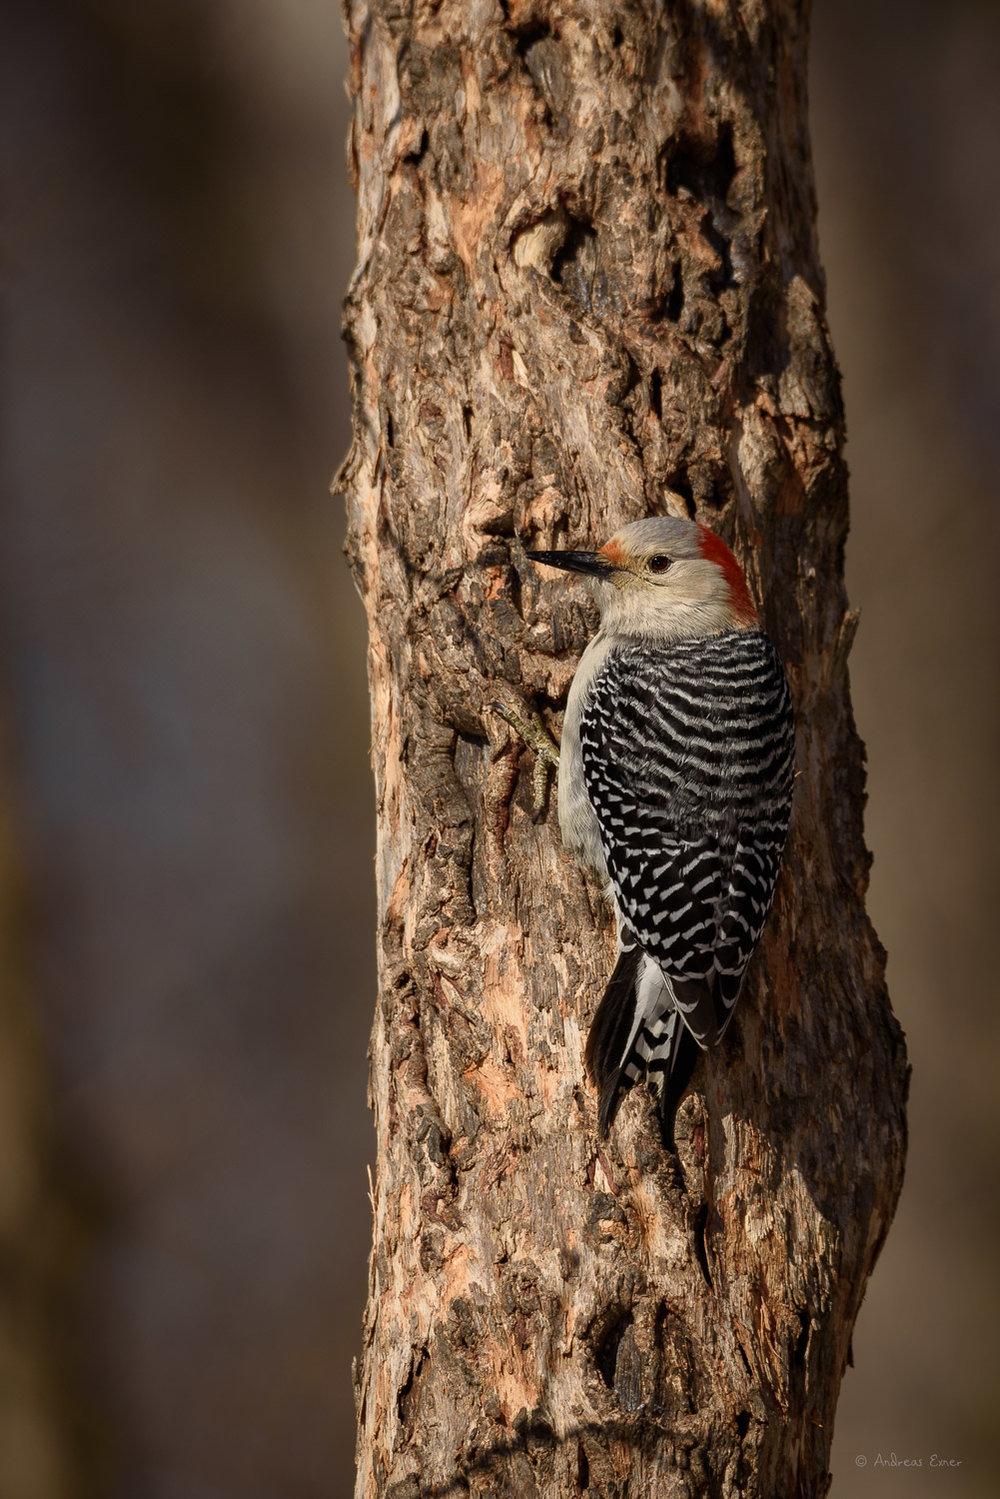 Female Red-bellied Woodpecker ---